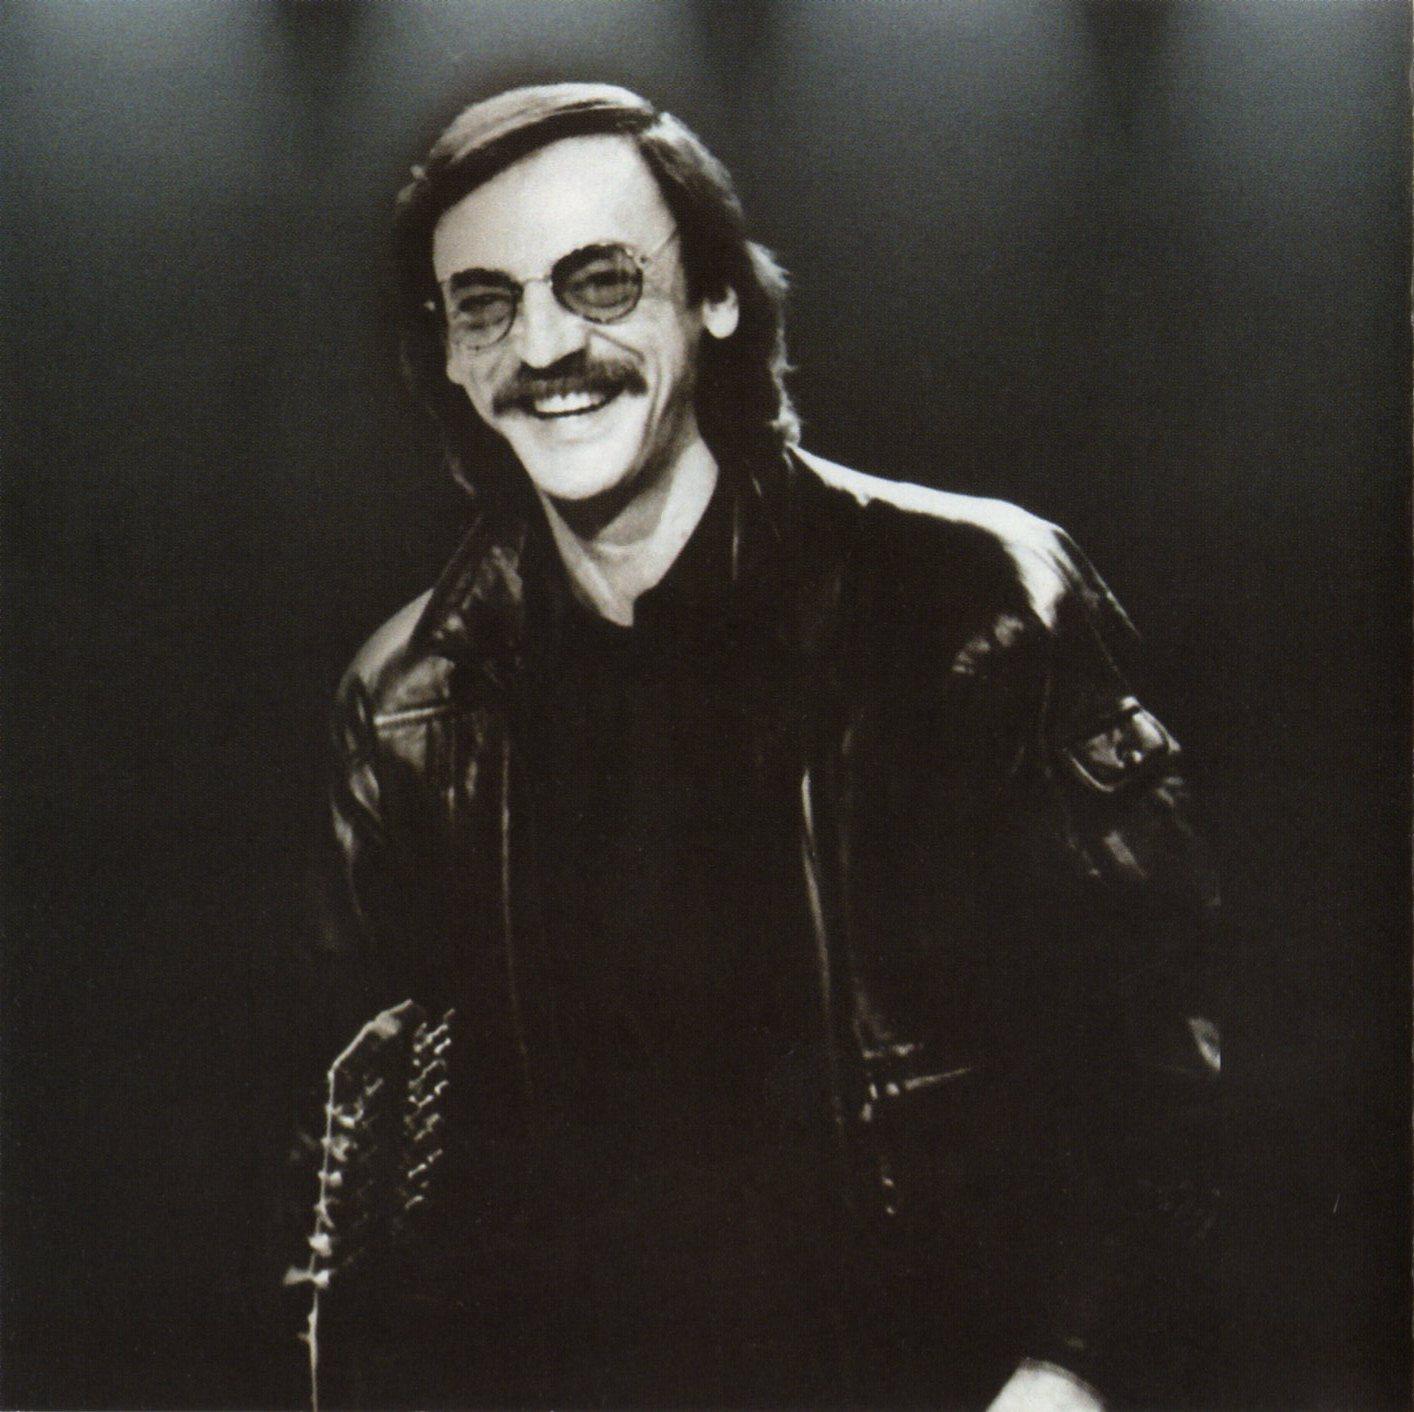 Михаил Боярский - Все Пройдет [Retro Lounge] (1981 г.)